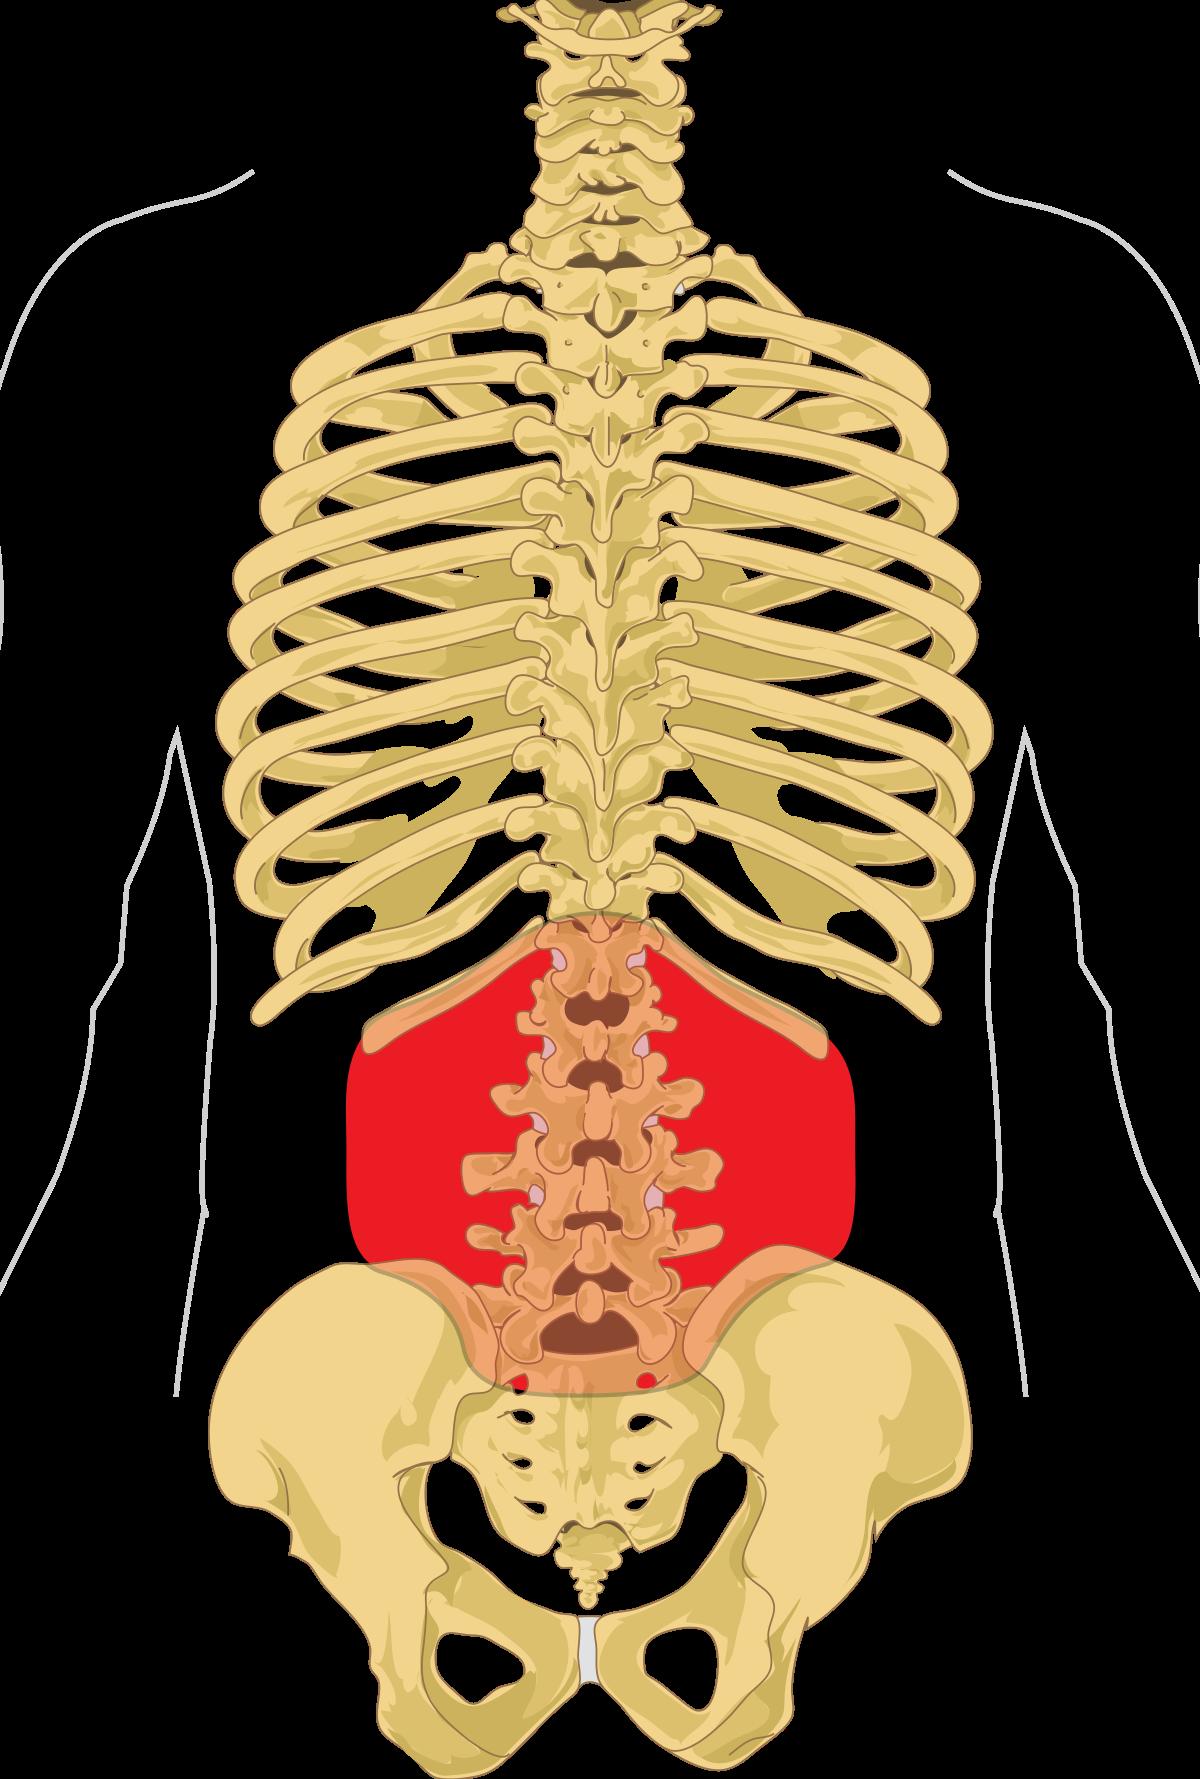 durere a degetelor index în zona articulației falangei osteochondroza articulațiilor ce este